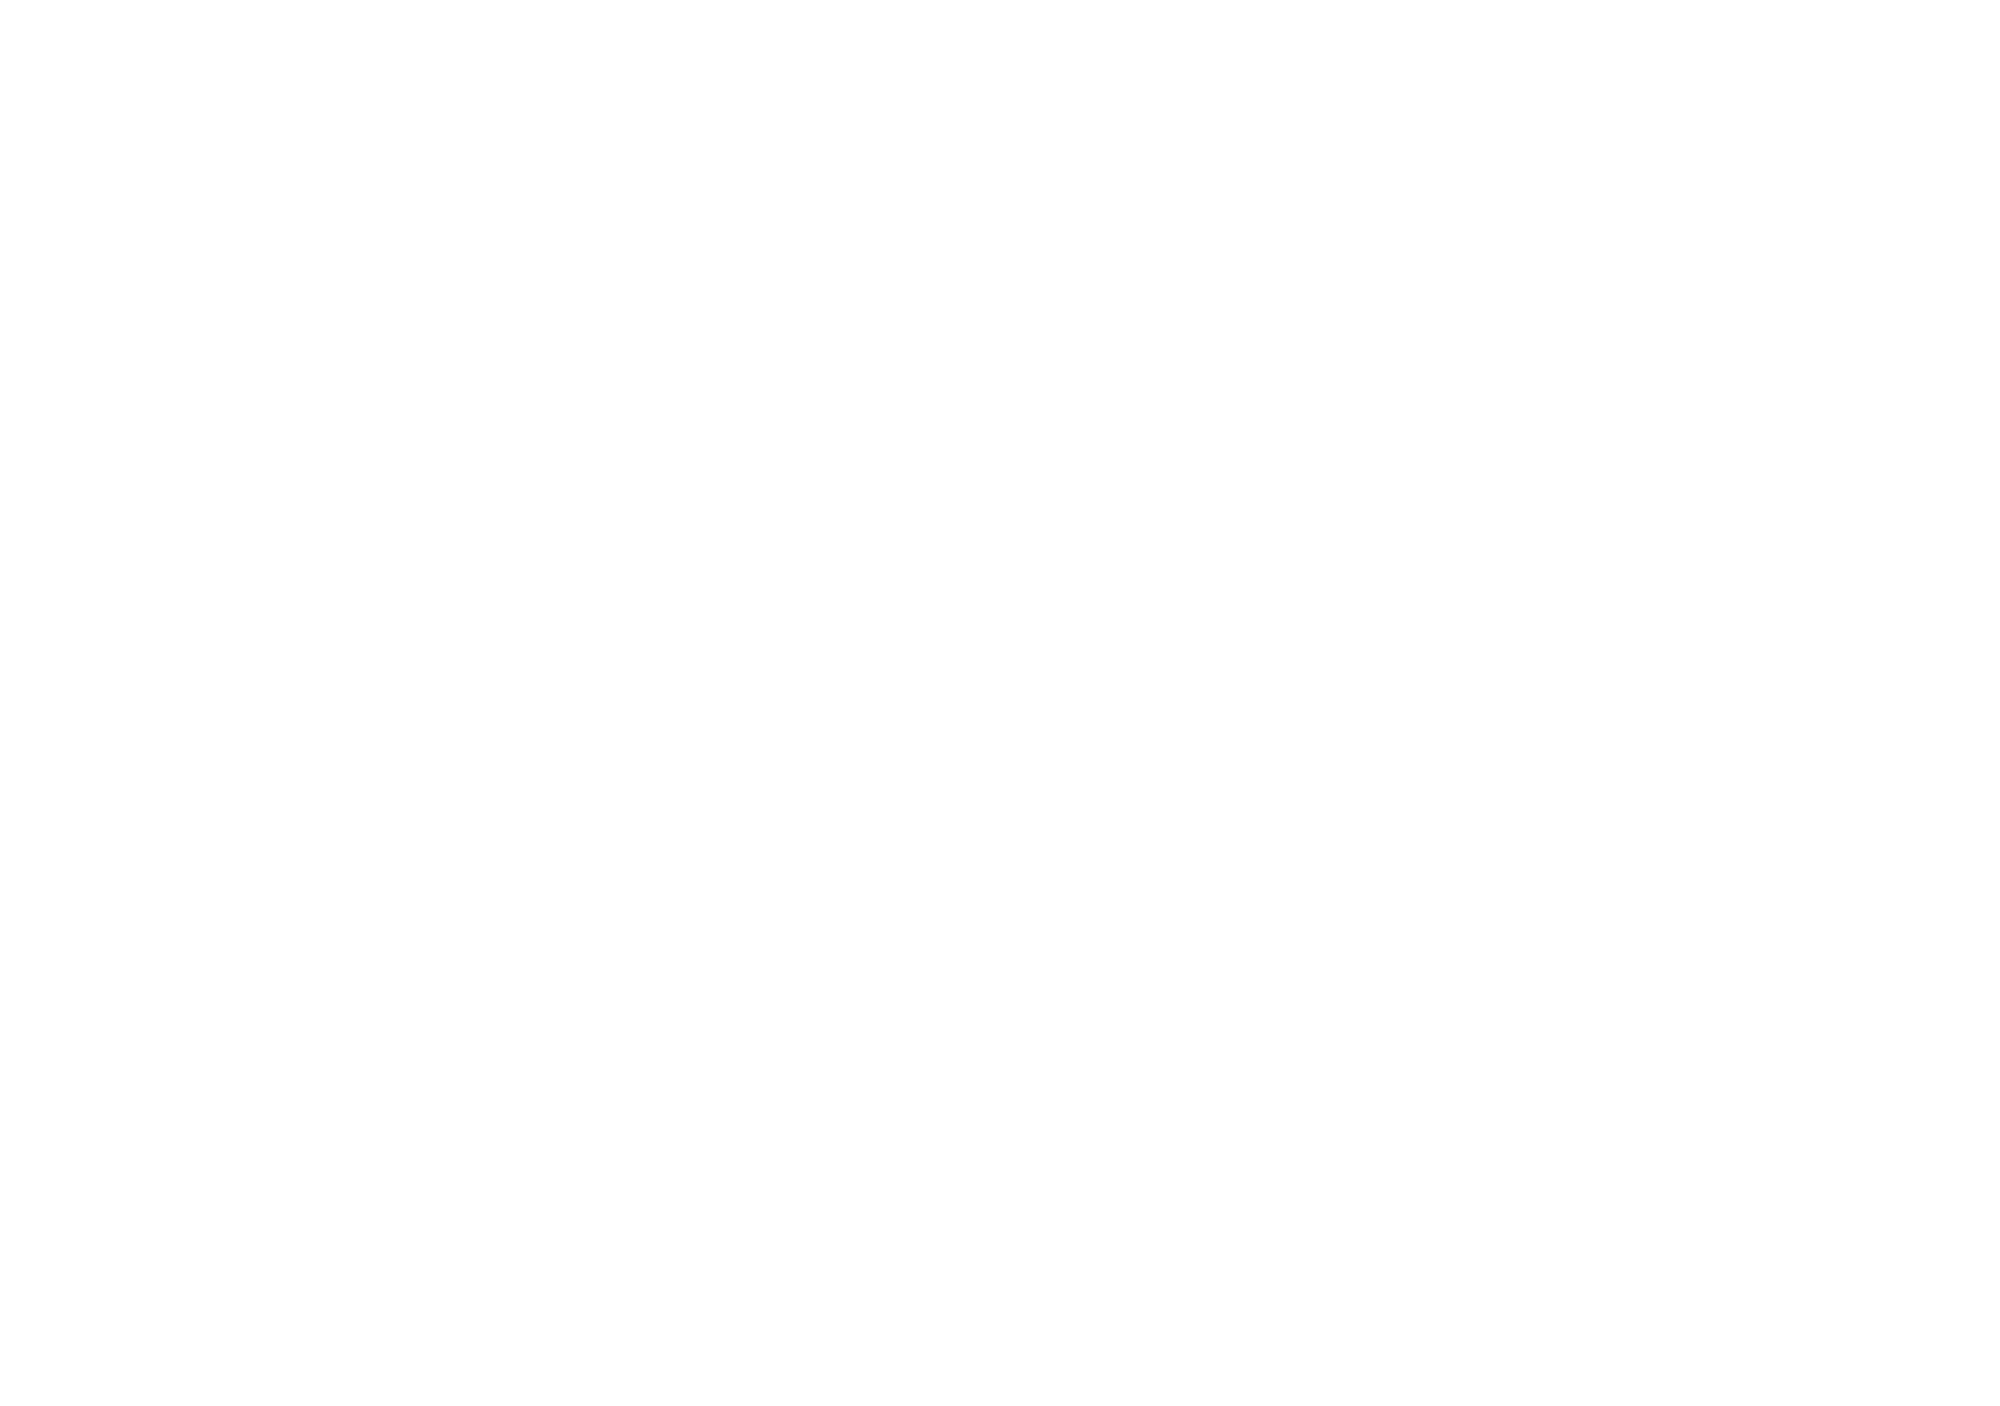 pricingtext-img